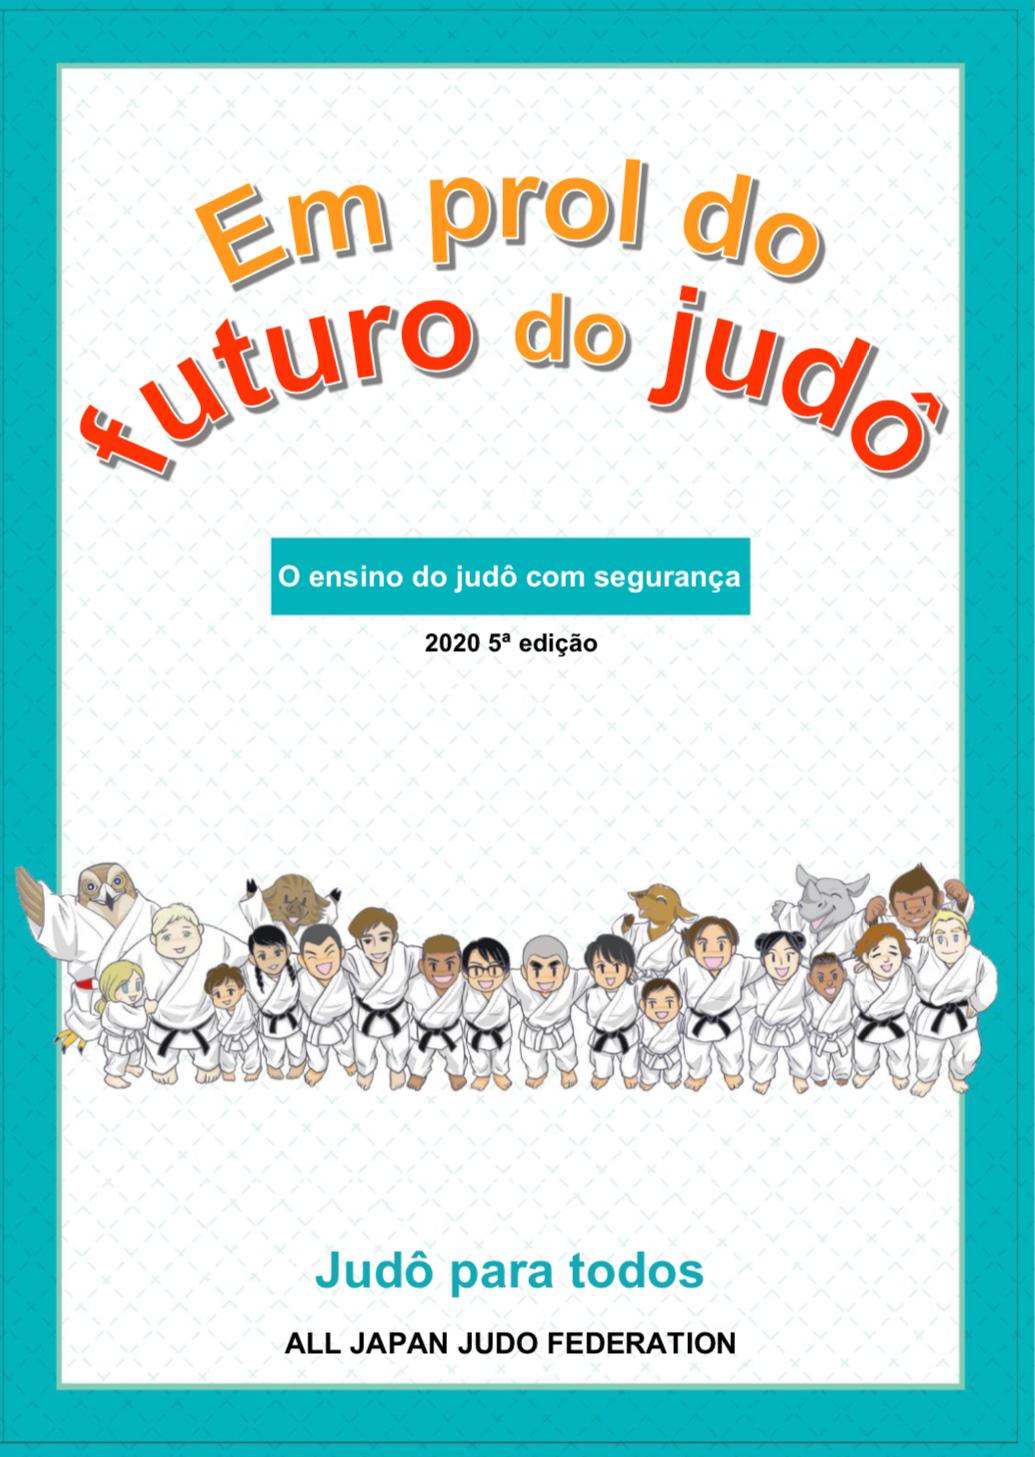 MANUAL - O ENSINO DO JUDÔ COM SEGURANÇA